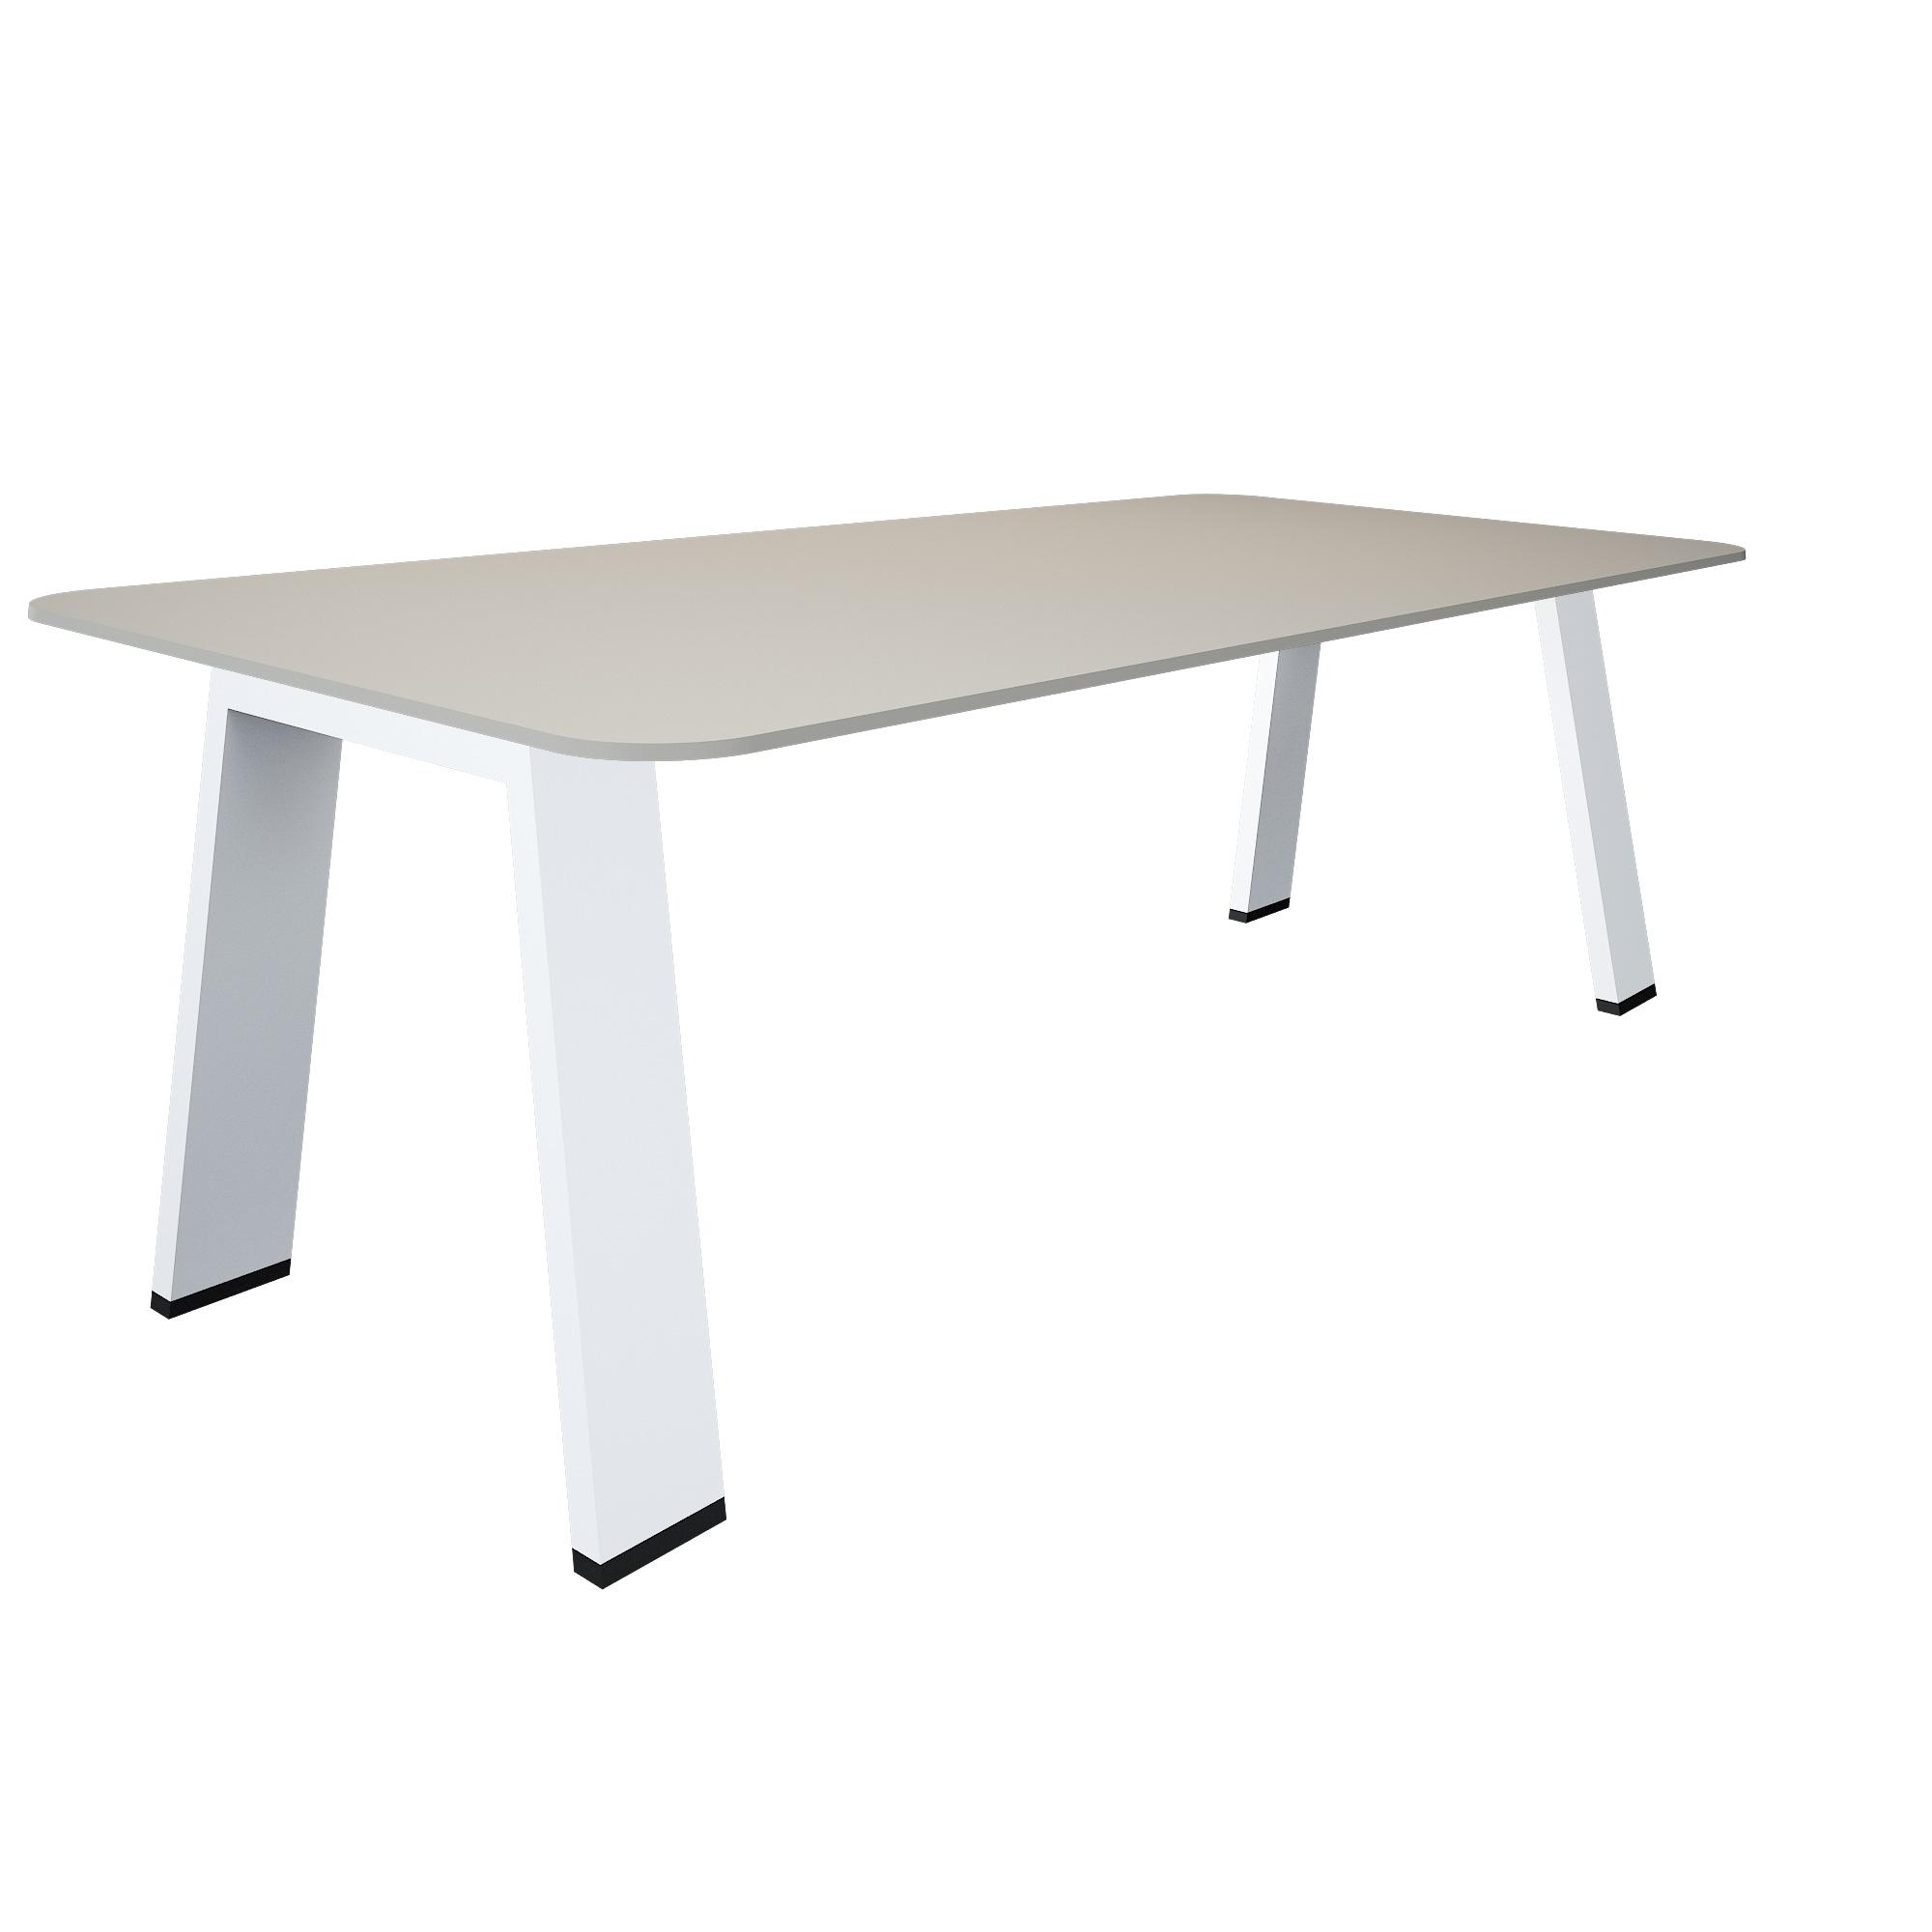 Schreibtisch Besprechungstisch Tisch Bralco - Take Off Evo Größe & Farbe wählbar